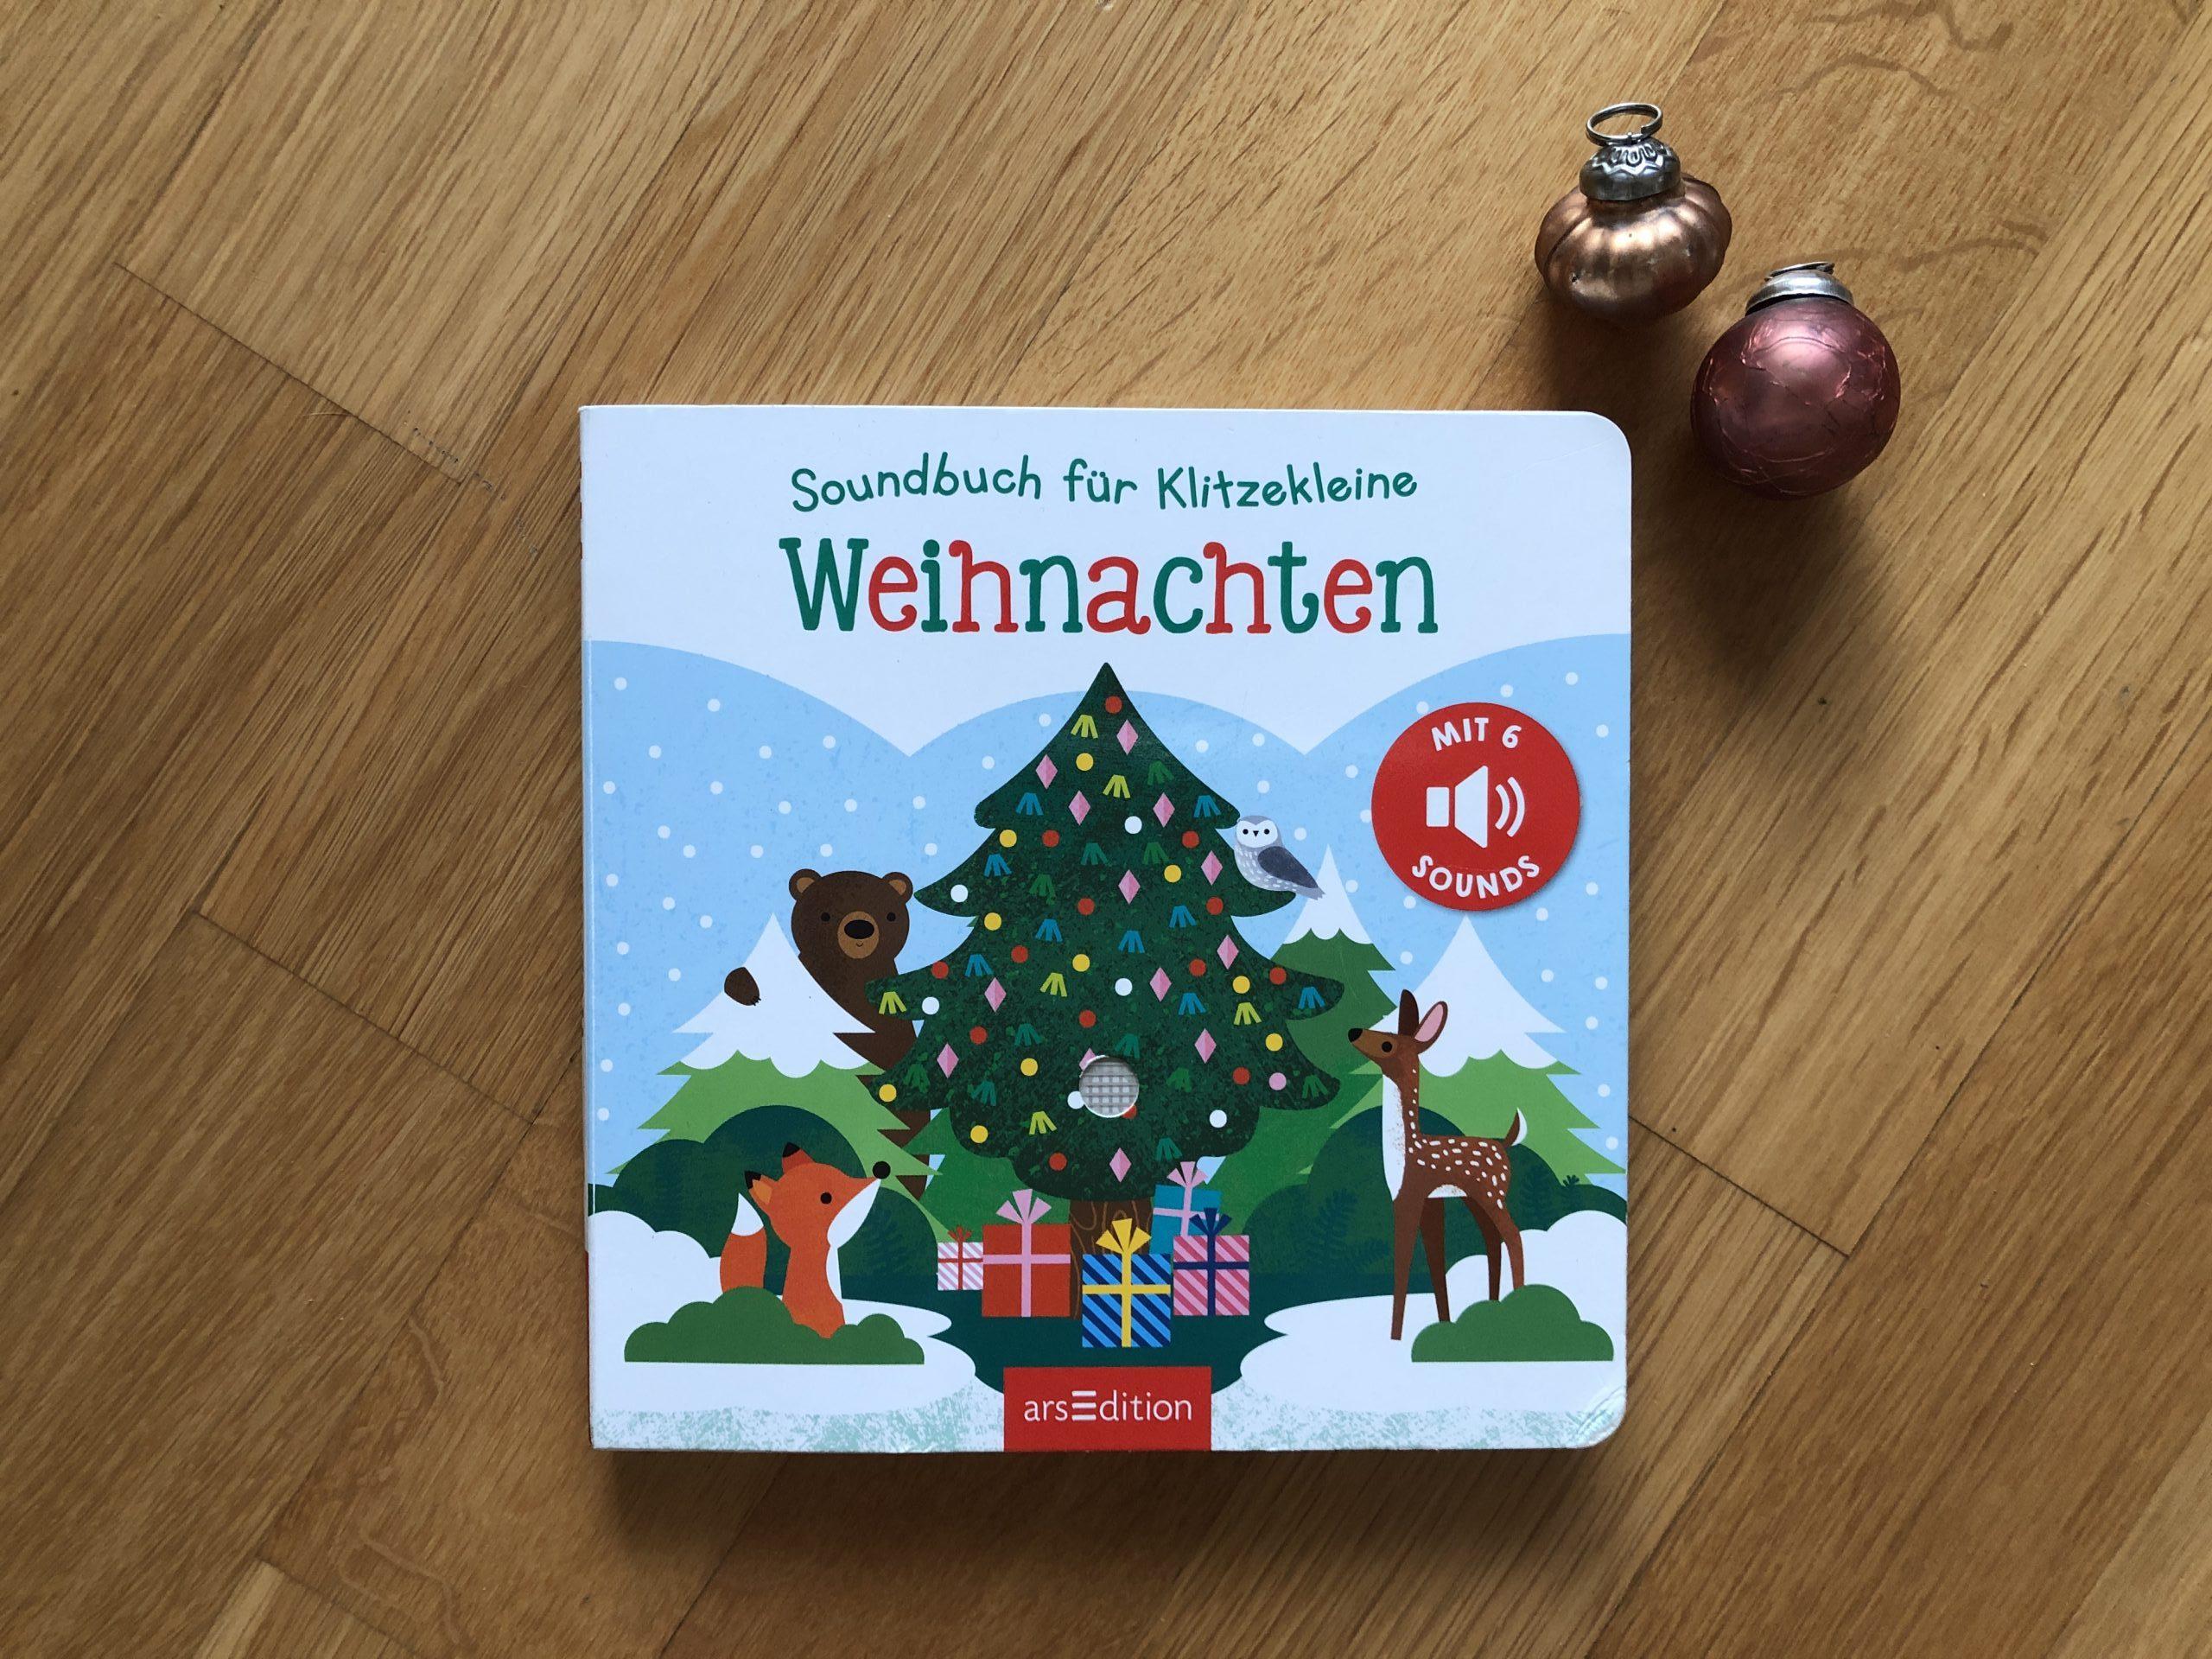 Soundbuch für Klitzekleine – Weihnachten